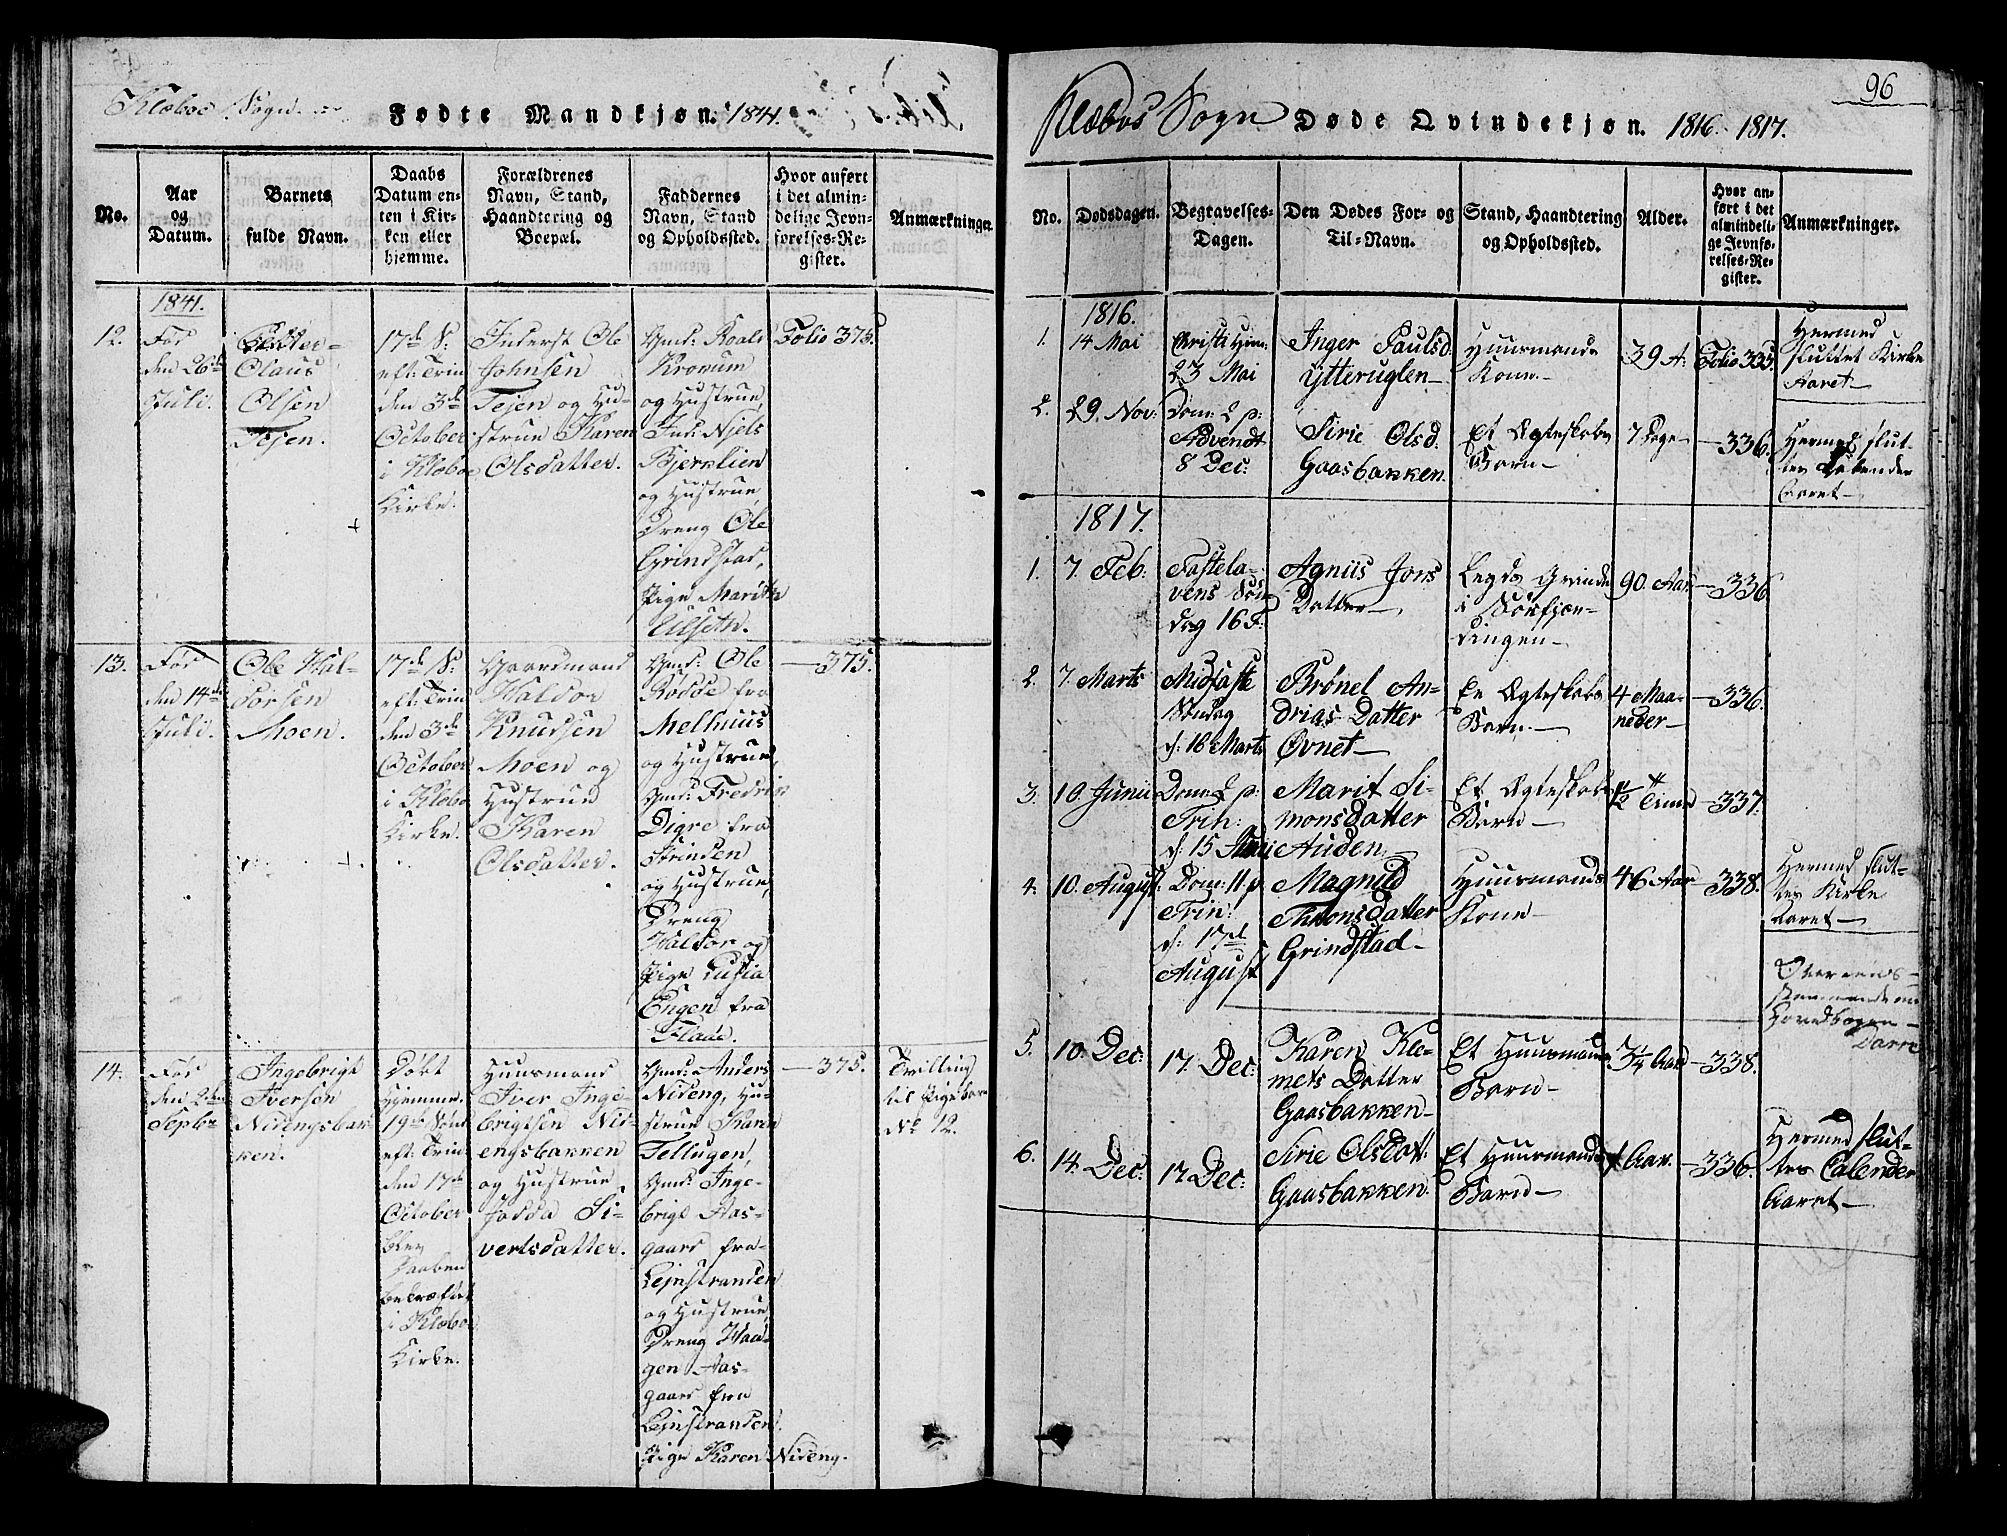 SAT, Ministerialprotokoller, klokkerbøker og fødselsregistre - Sør-Trøndelag, 618/L0450: Klokkerbok nr. 618C01, 1816-1865, s. 96